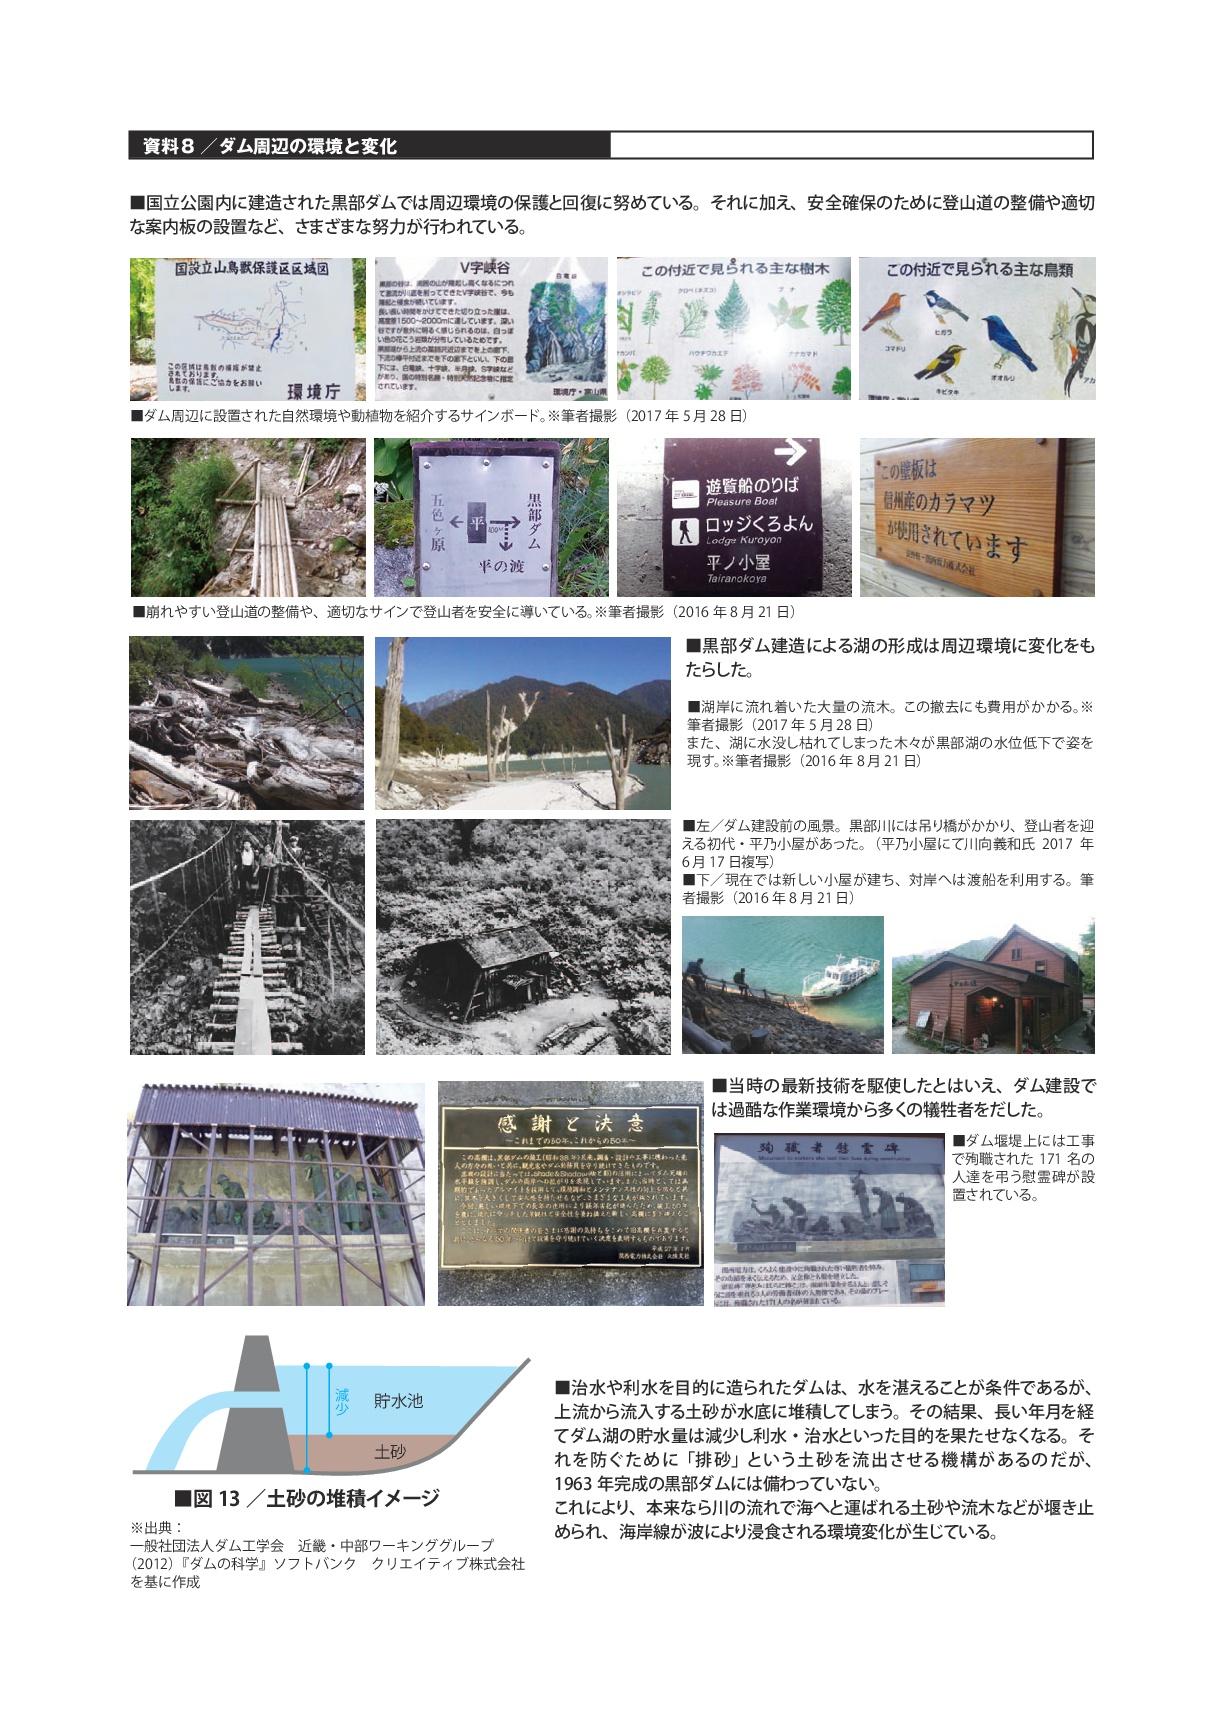 資料8/ダム周辺の環境と変化